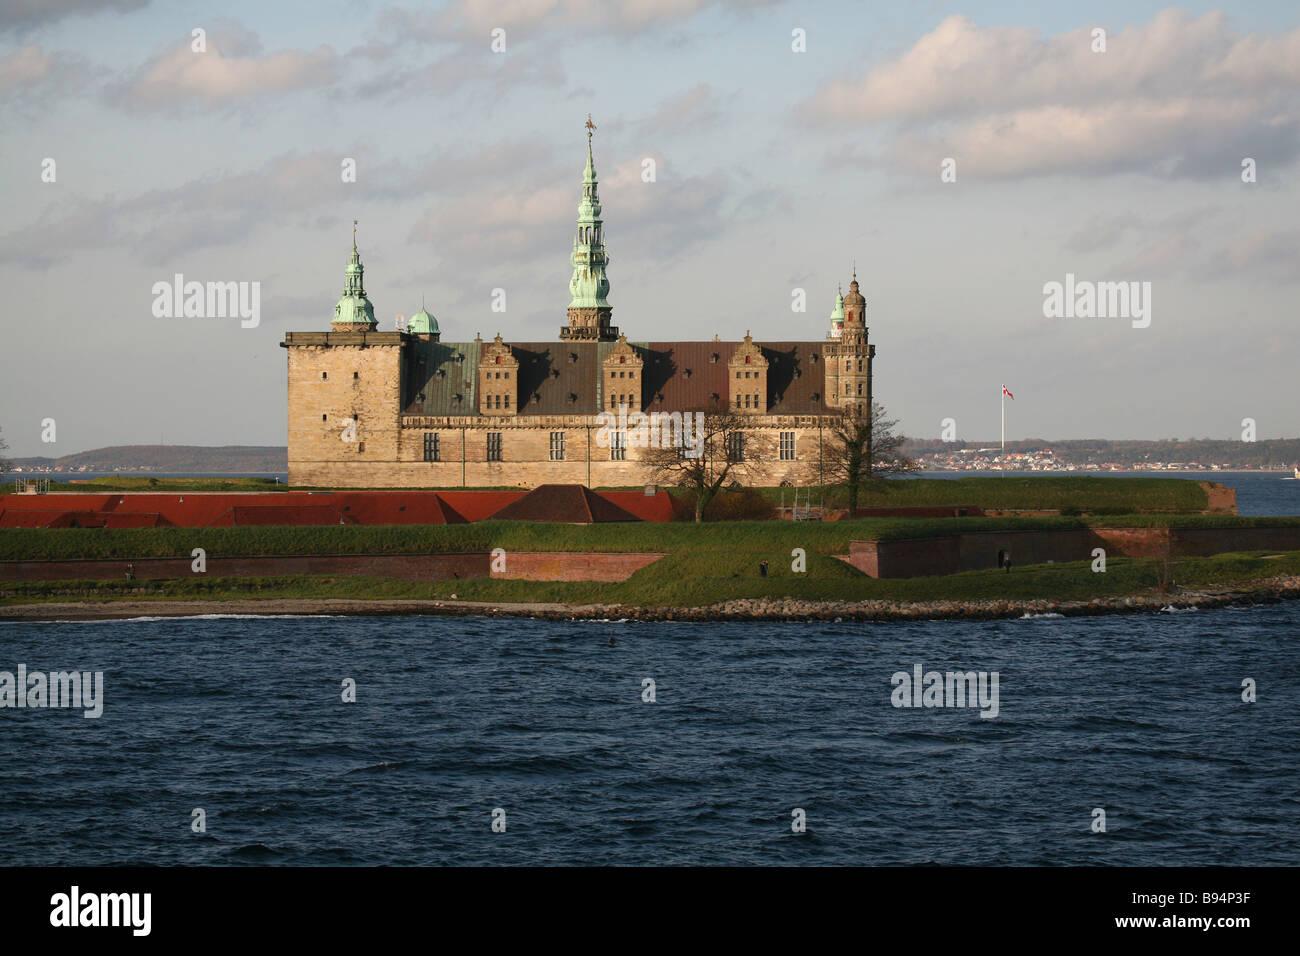 Kronborg Castle, Elsinore. Denmark. Europe. - Stock Image